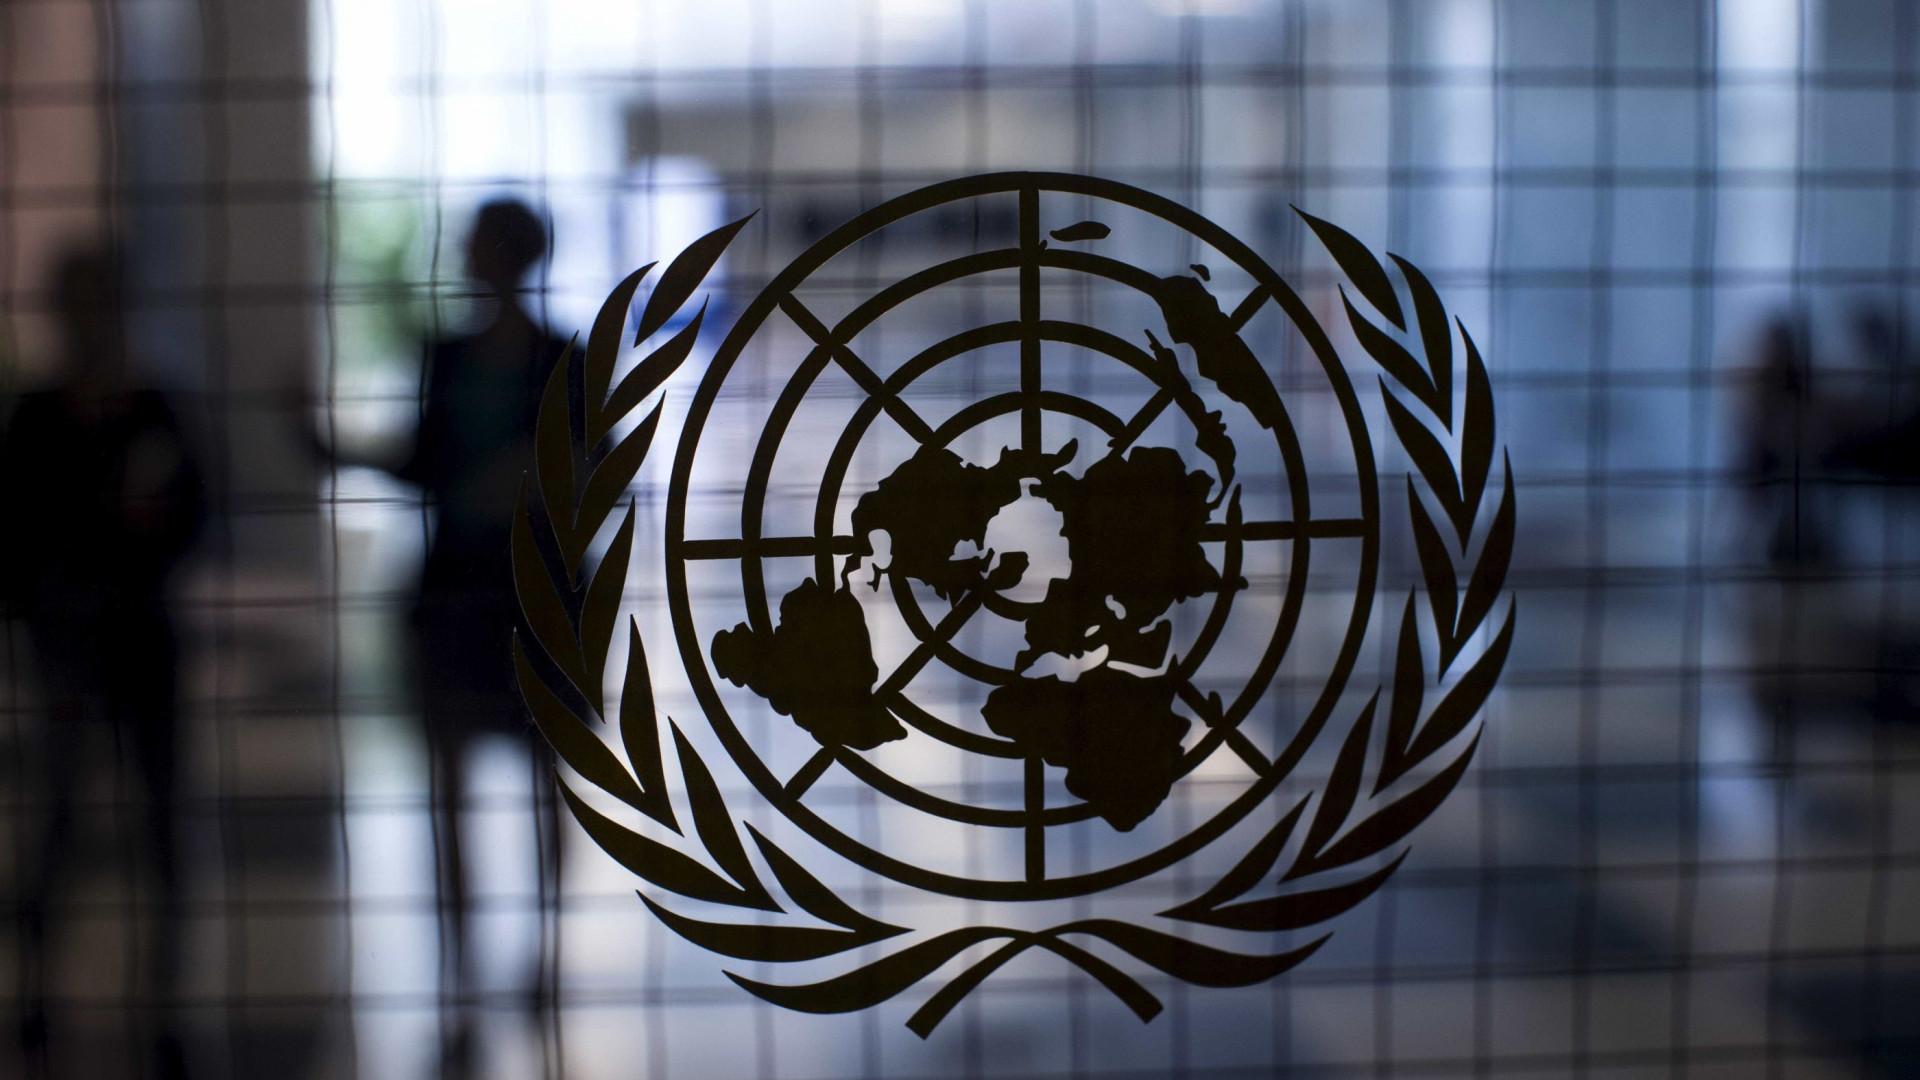 Nações Unidas receberam 138 queixas de abusos sexuais em 2017